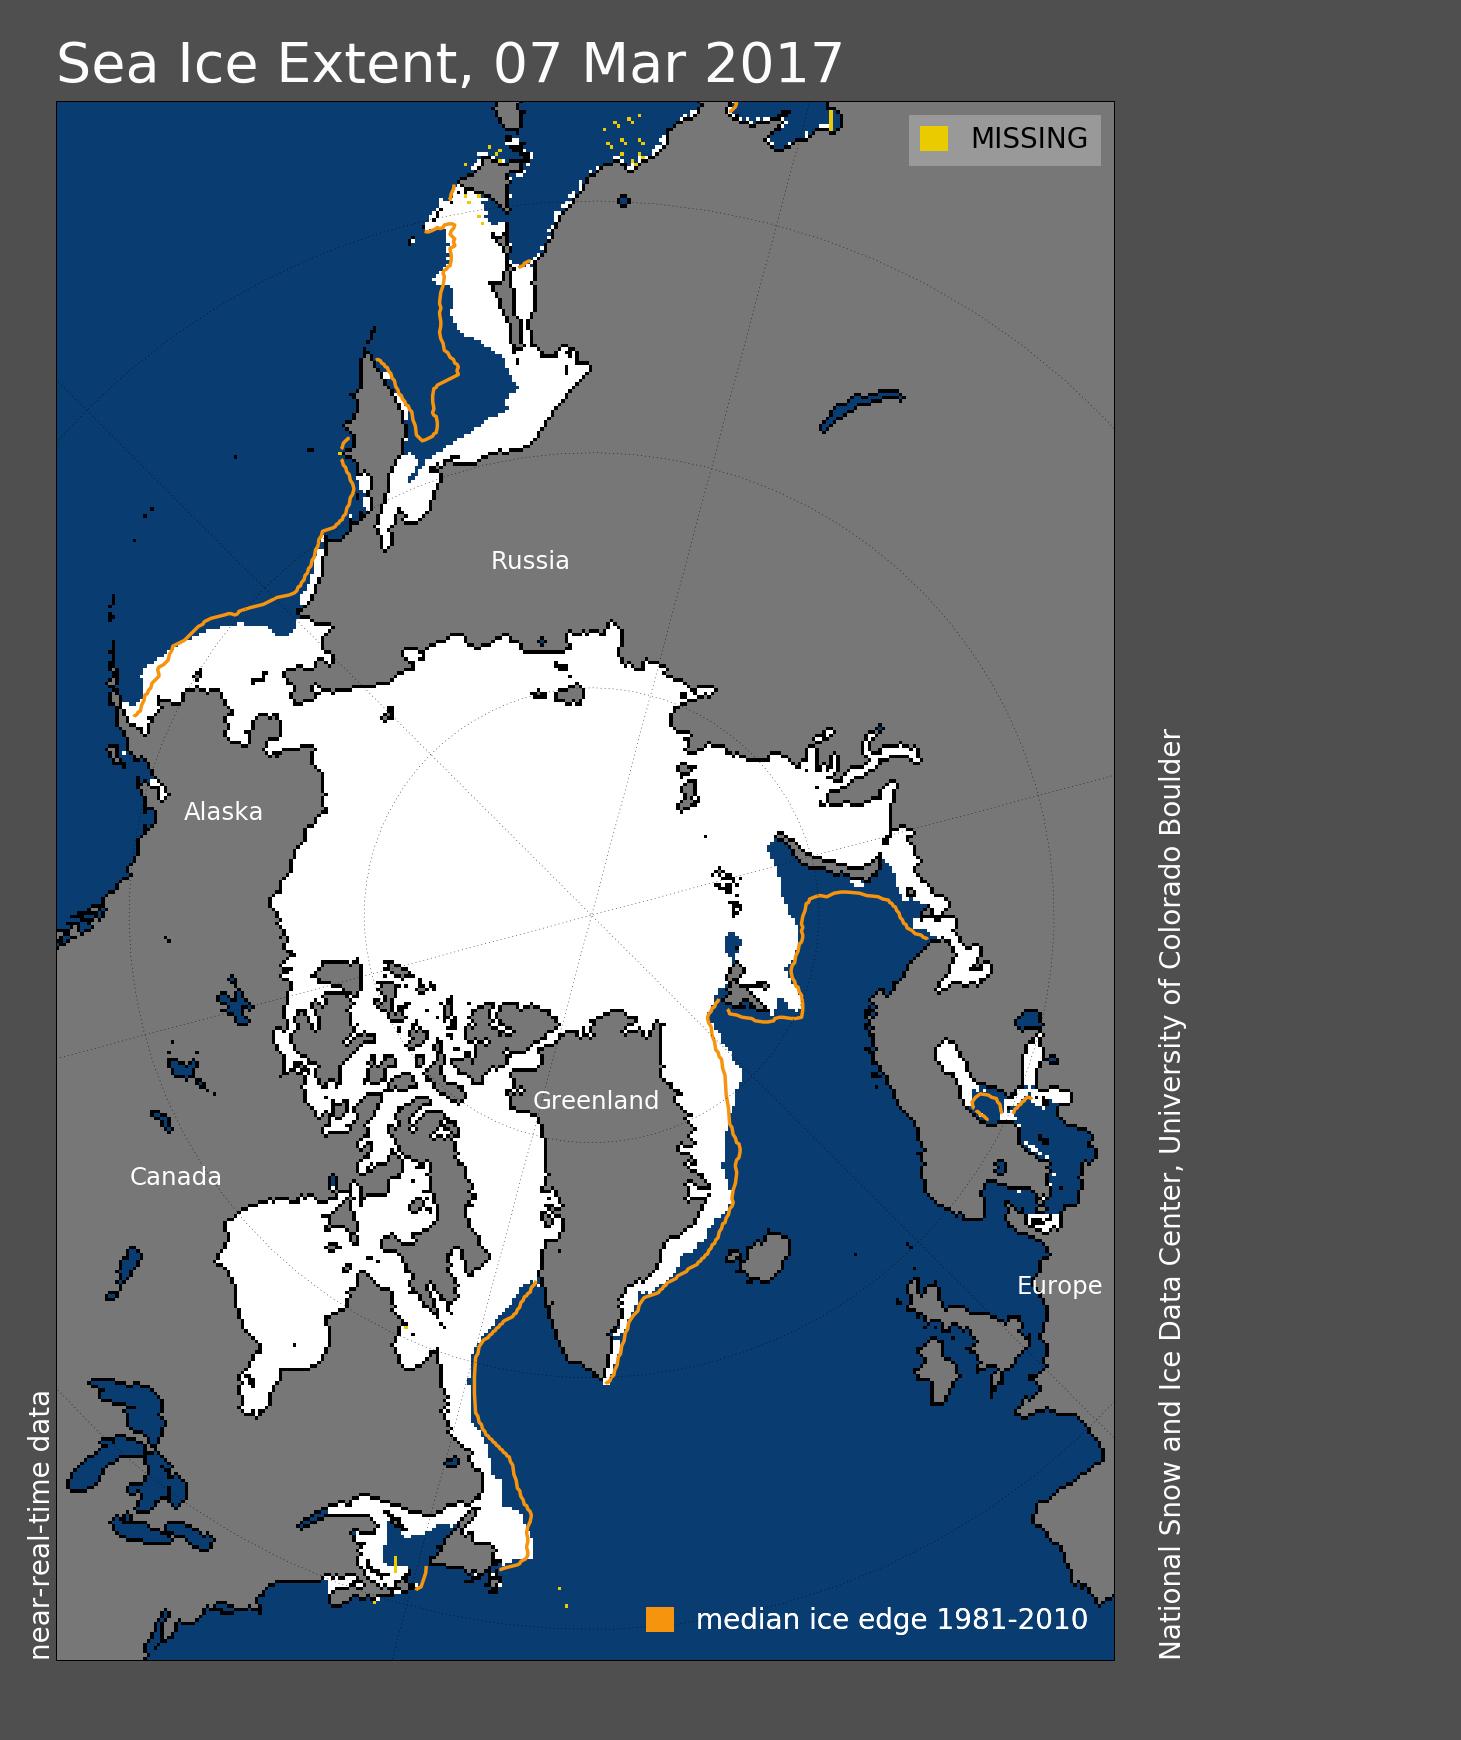 A extensão do gelo marinho do Ártico para 7 de março de 2017 foi de 14,42 milhões de quilômetros quadrados (5,57 milhões de milhas quadradas). A linha laranja mostra a extensão mediana de 1981 a 2010 para esse dia. Dados do índice de gelo marinho